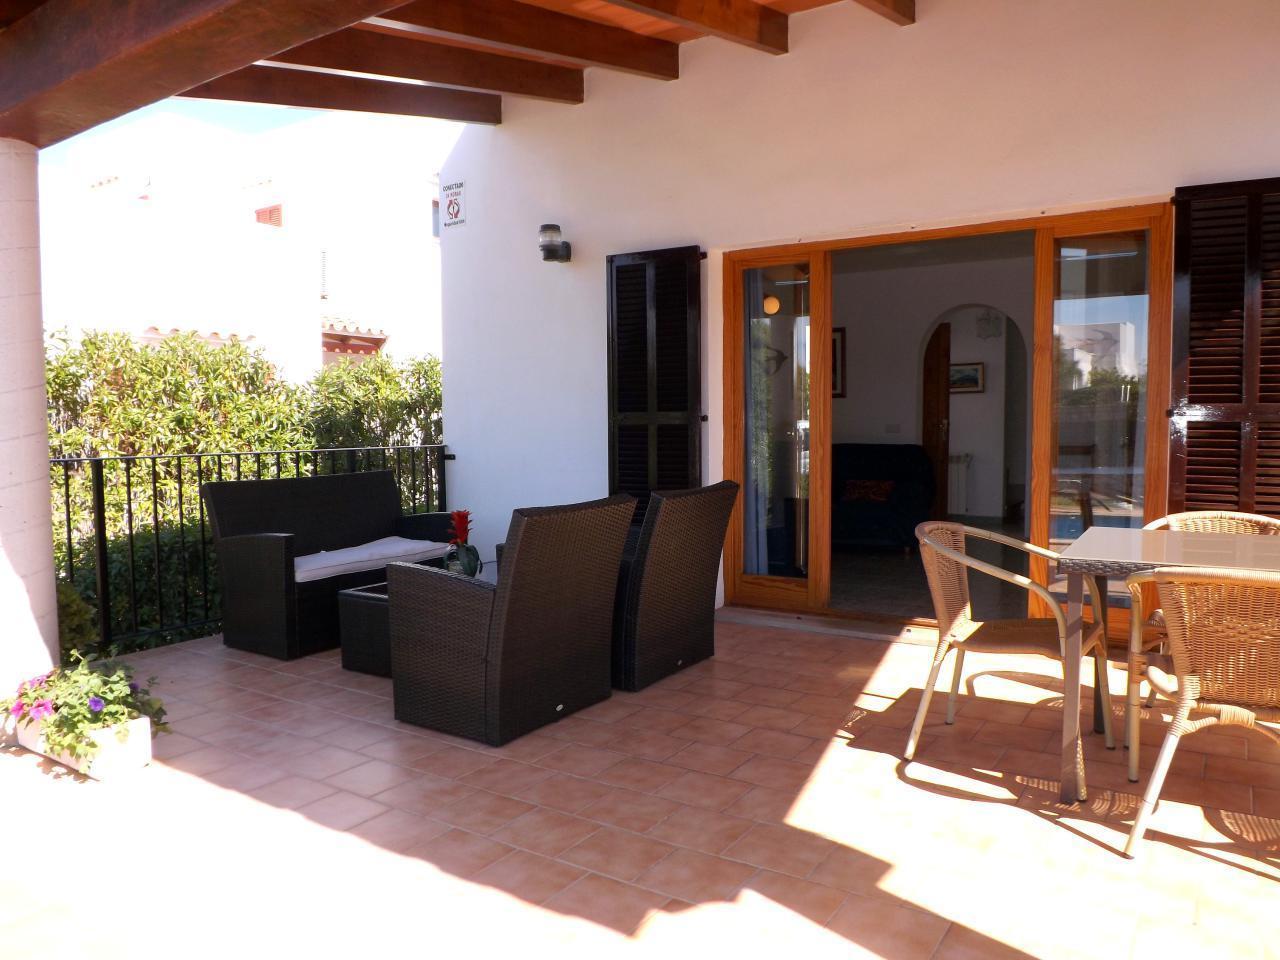 Ferienhaus Ferienhaus (594921), Cala d'Or, Mallorca, Balearische Inseln, Spanien, Bild 23